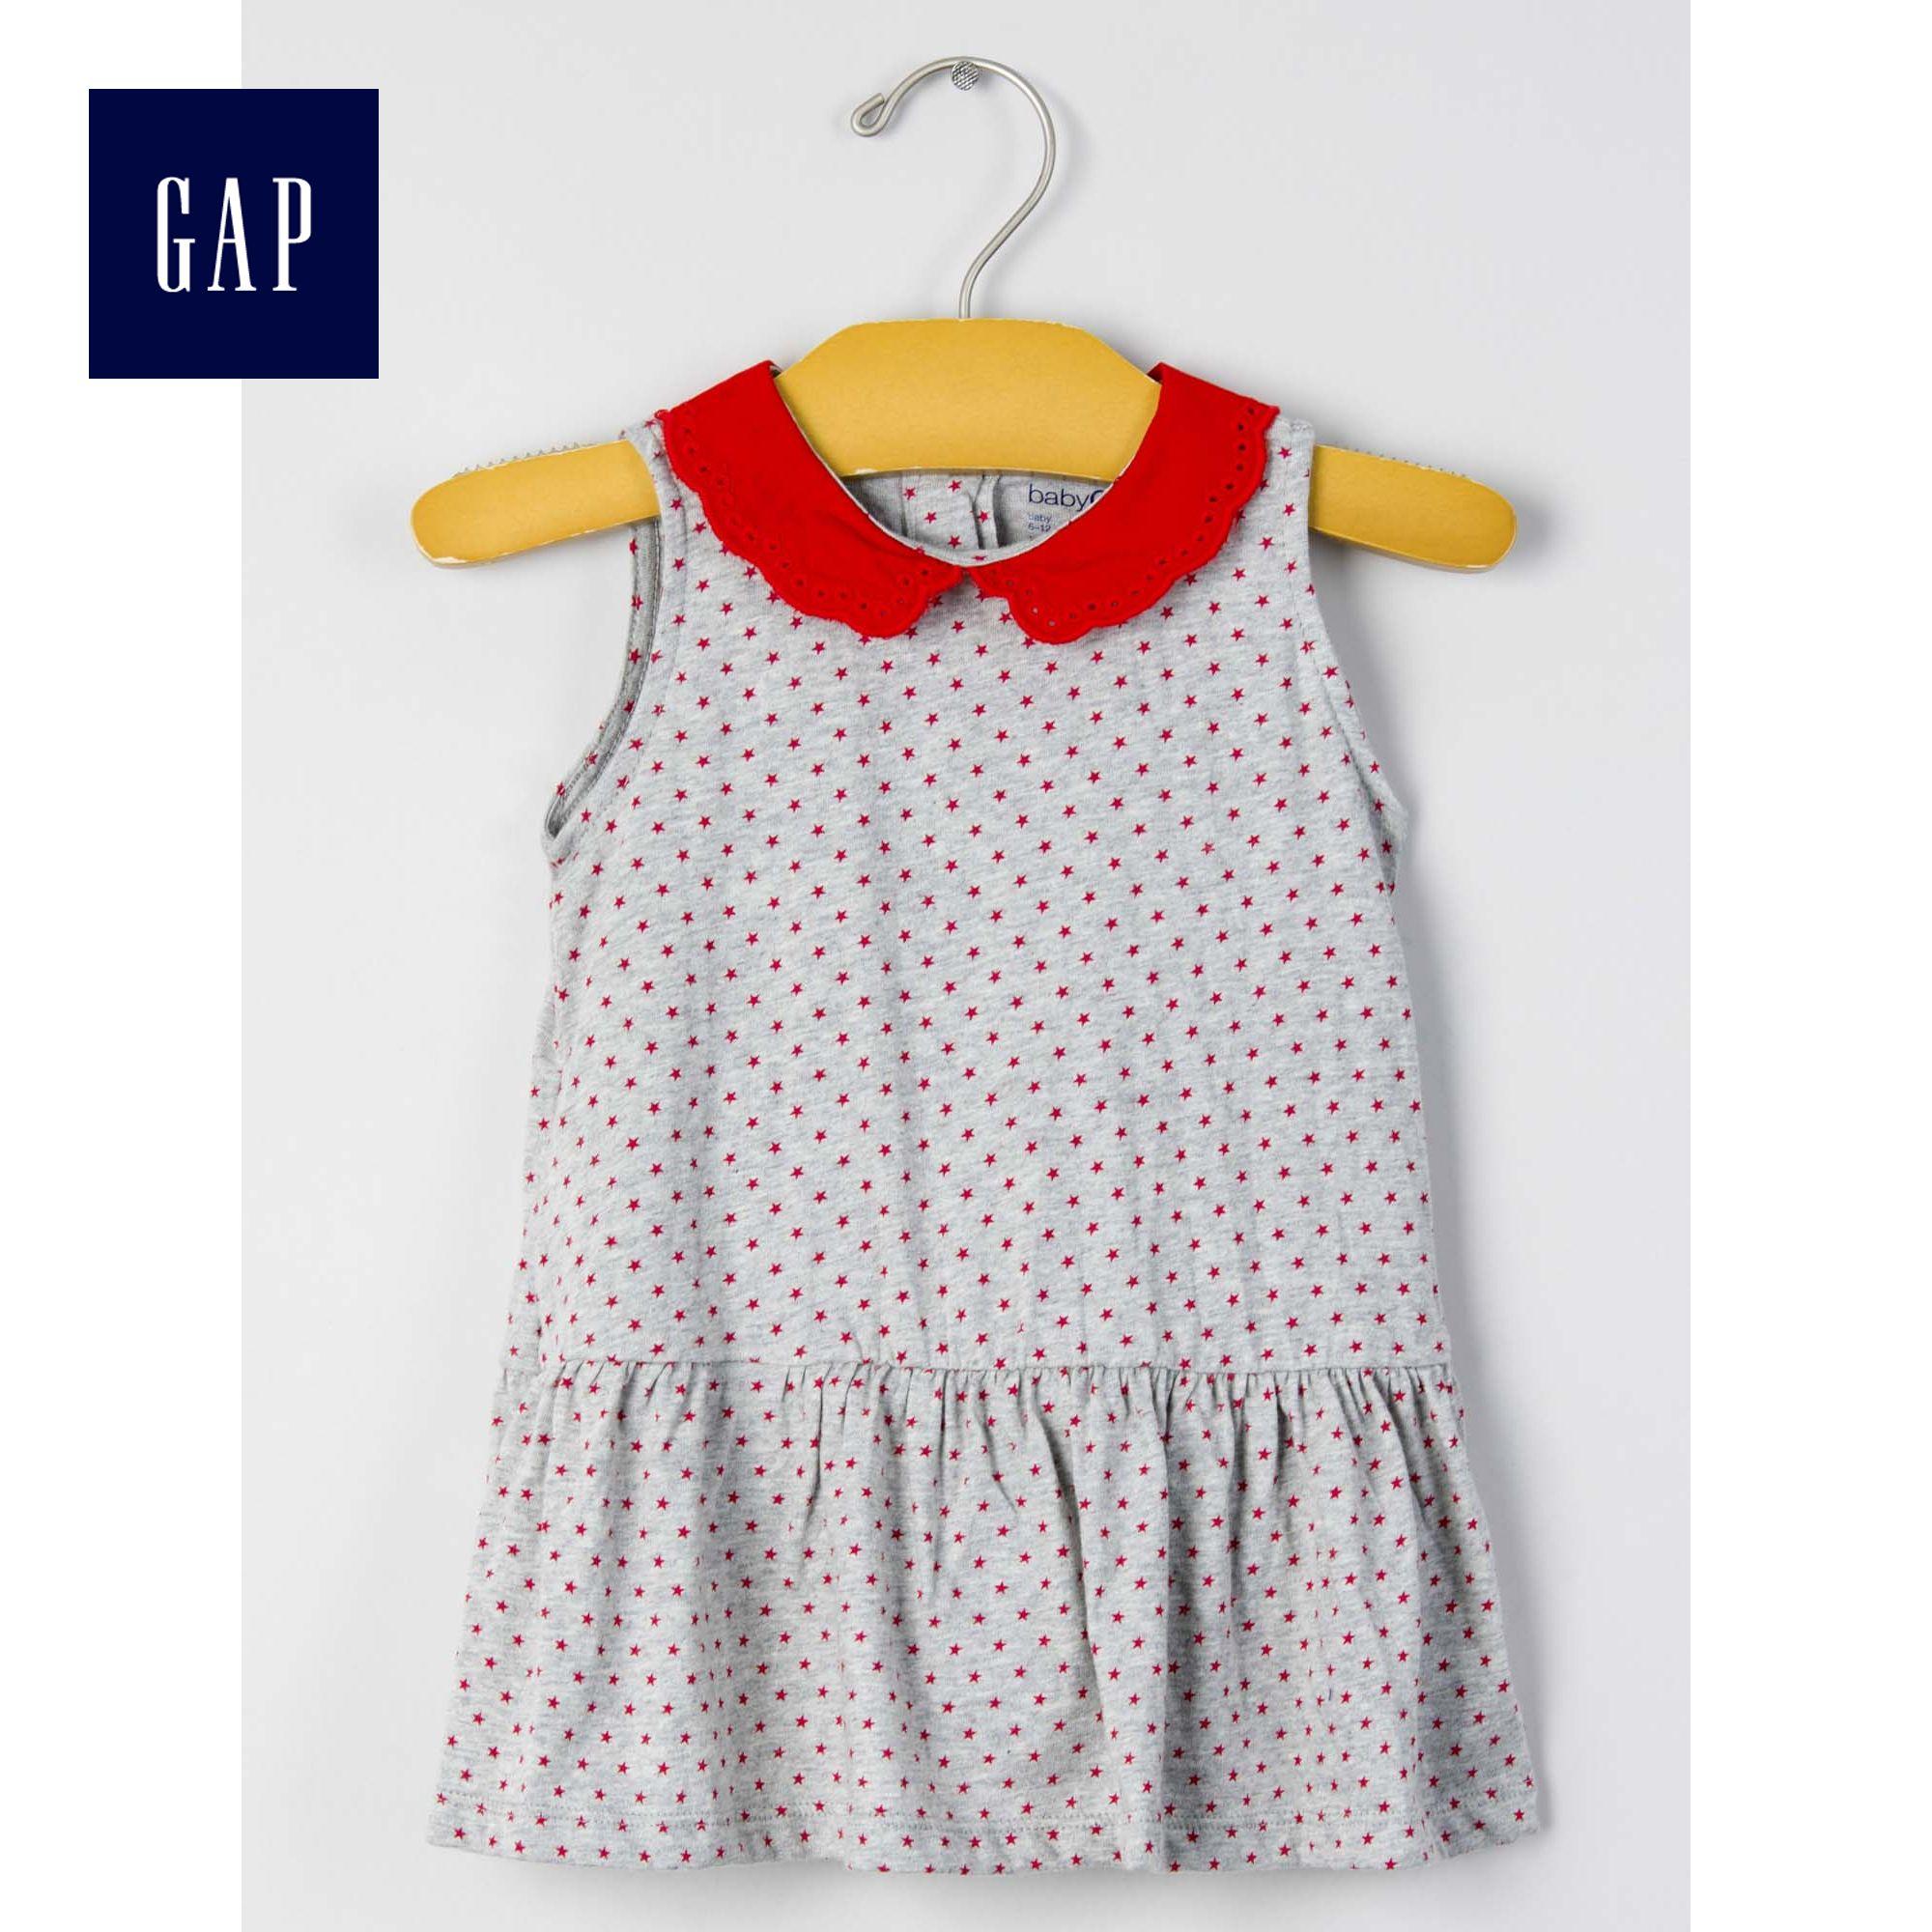 Gap女嬰兒 星星印花彼得潘領無袖連衣裙217308